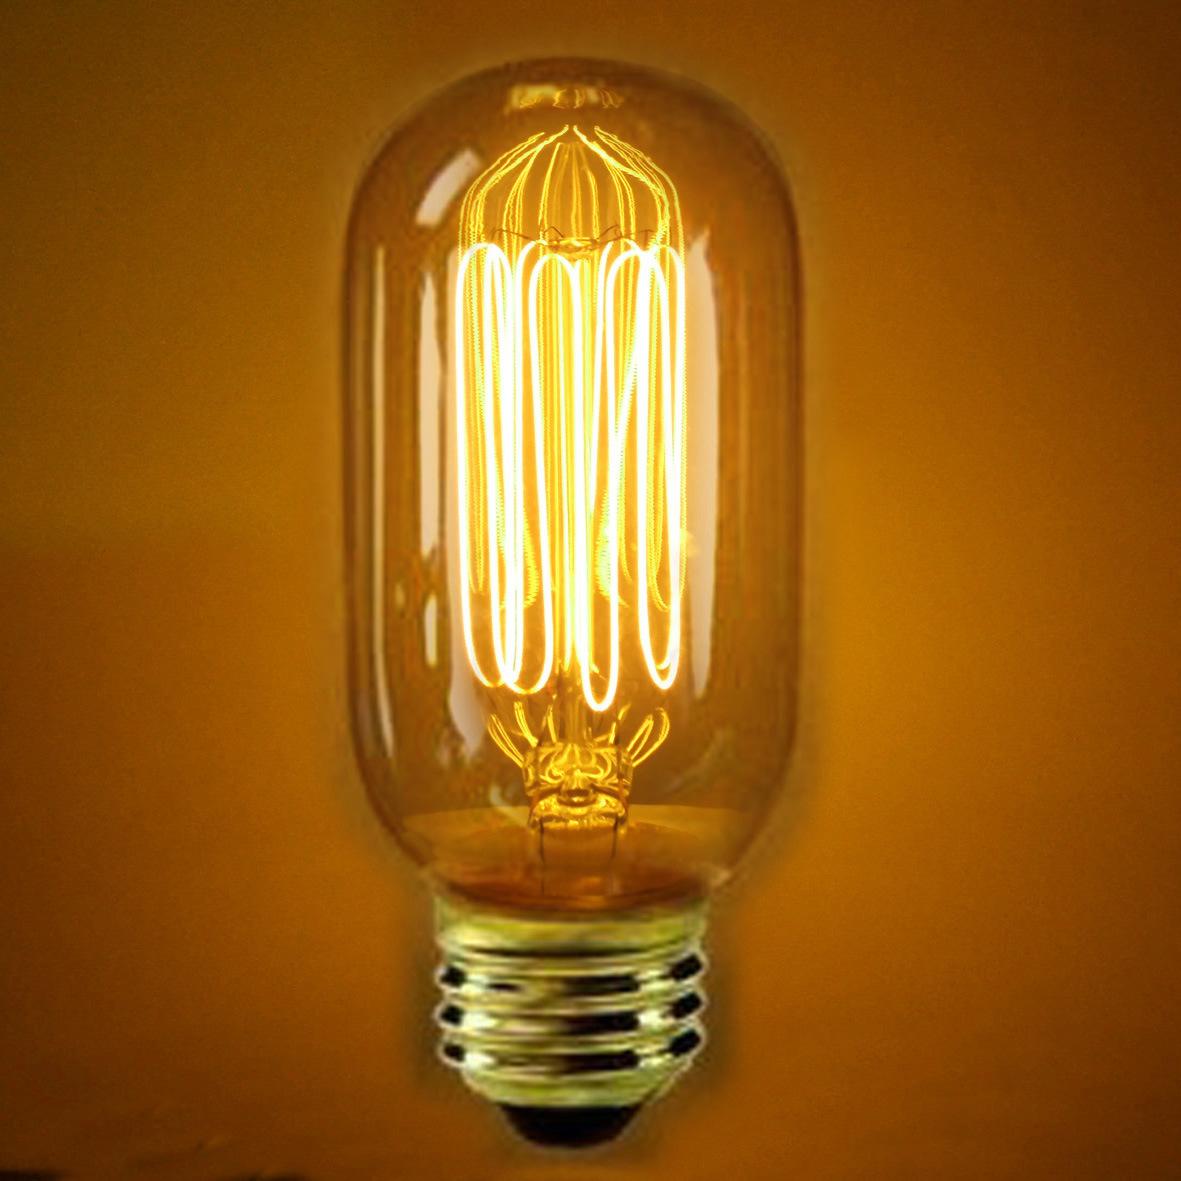 edison bulb vintage light bulb squirrel cage filament old fashioned. Black Bedroom Furniture Sets. Home Design Ideas